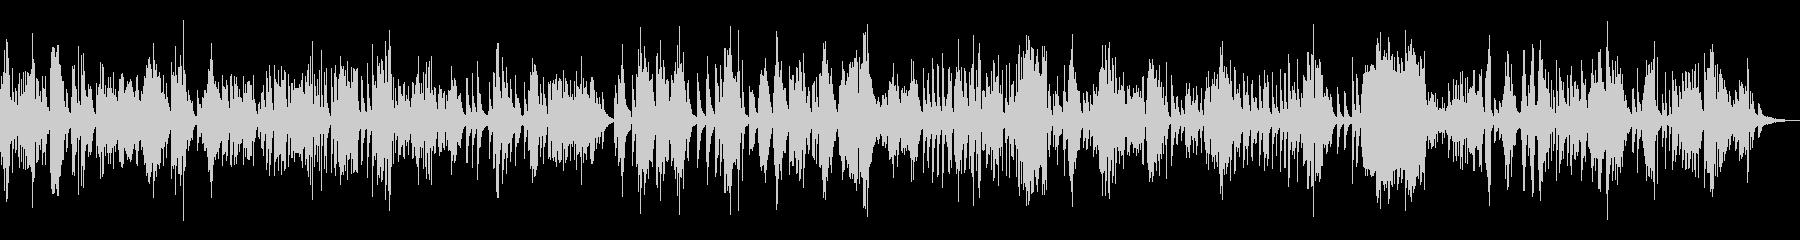 [生演奏]聞き流し用-長尺ピアノソロ01の未再生の波形